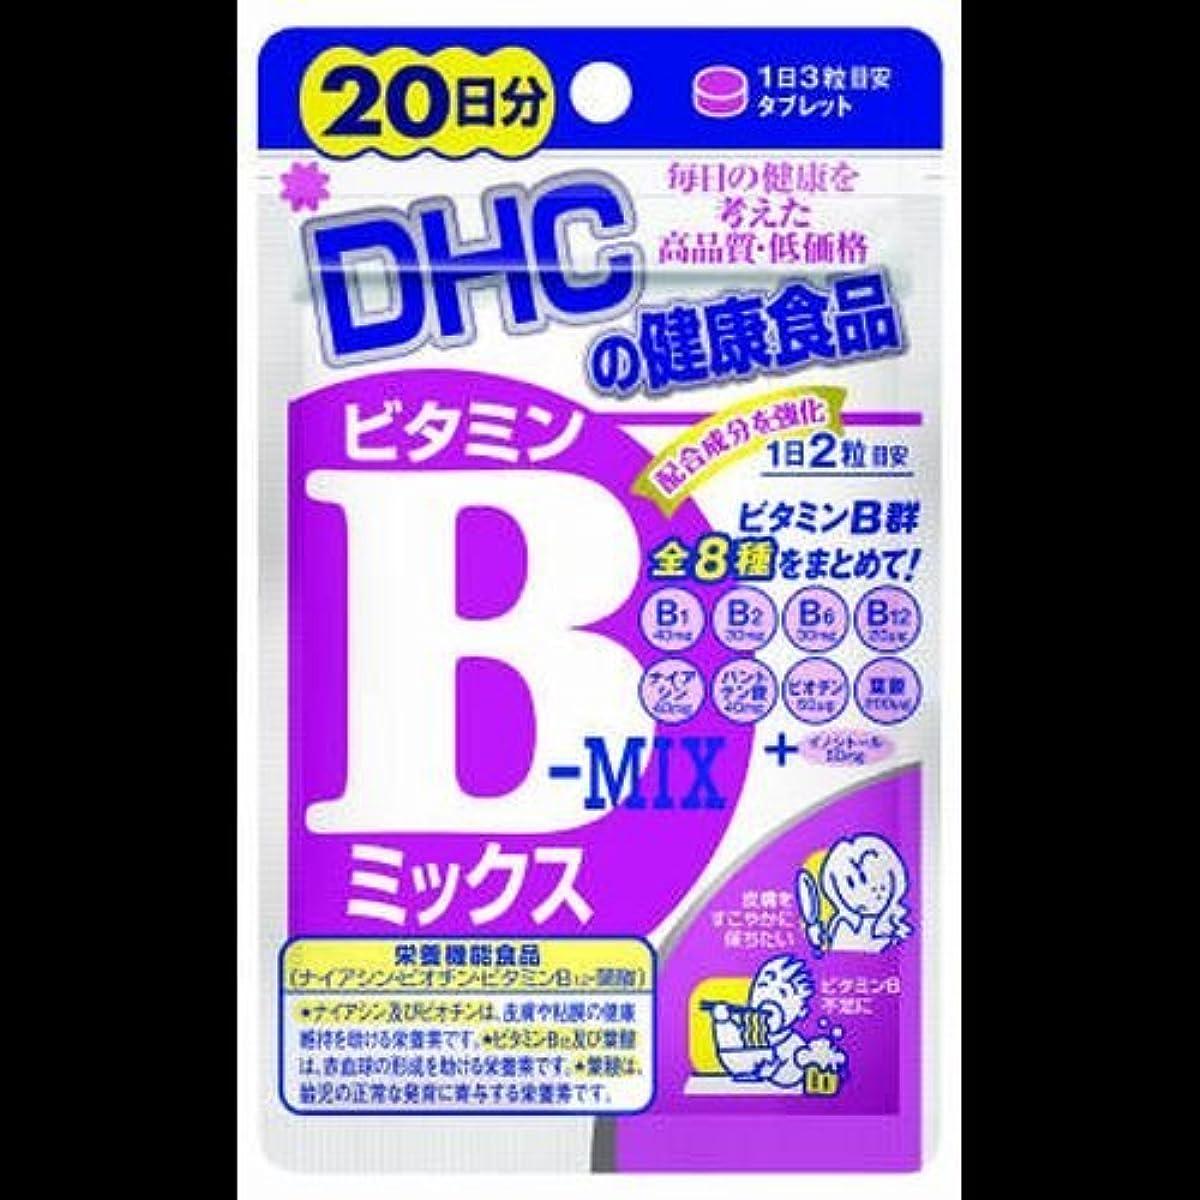 パワーセルまとめる干渉【まとめ買い】DHC ビタミンBミックス 20日 40粒 ×2セット